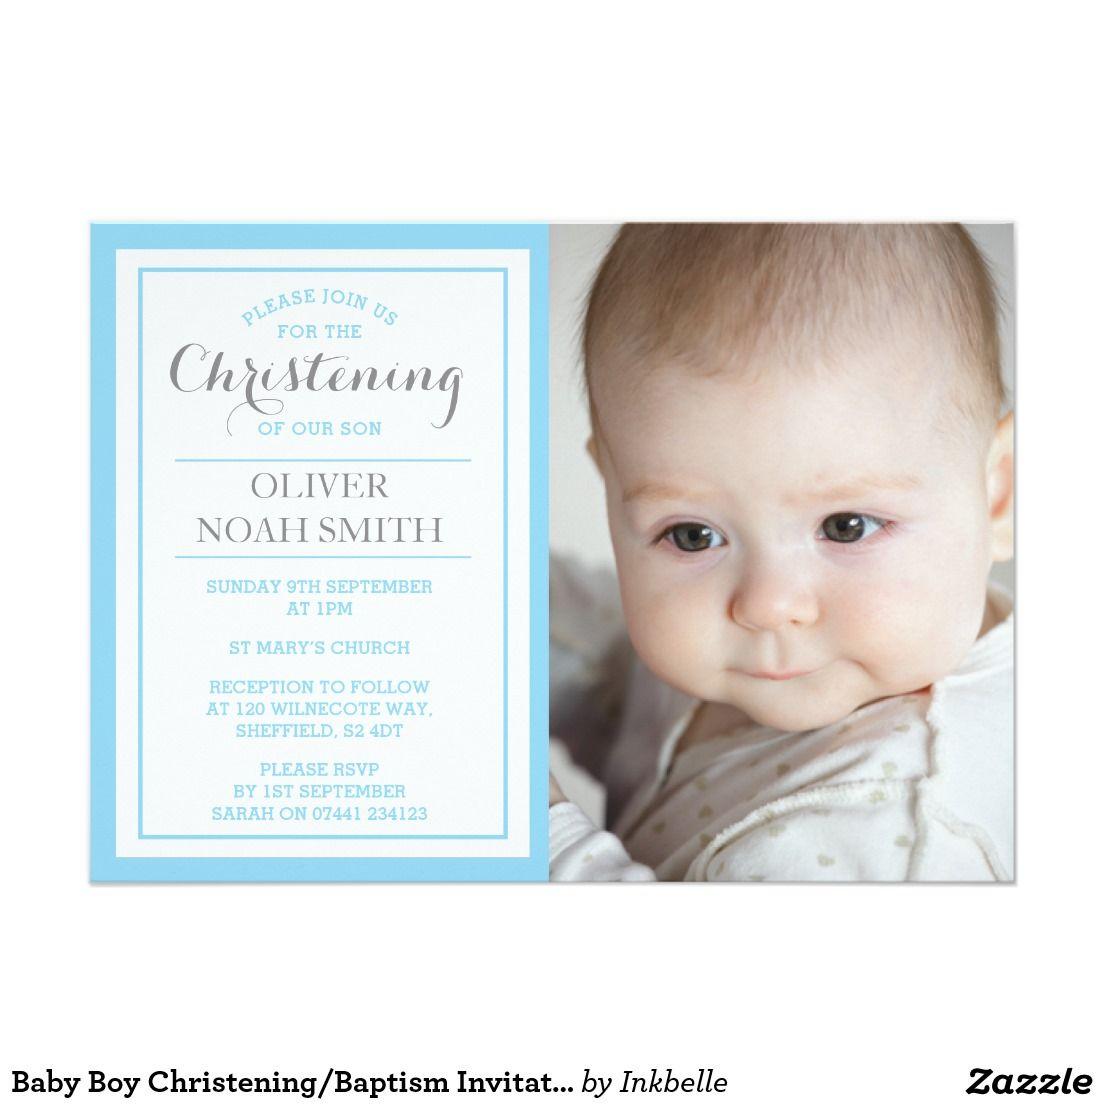 Baby Boy Christening/Baptism Invitation | Boy christening and ...